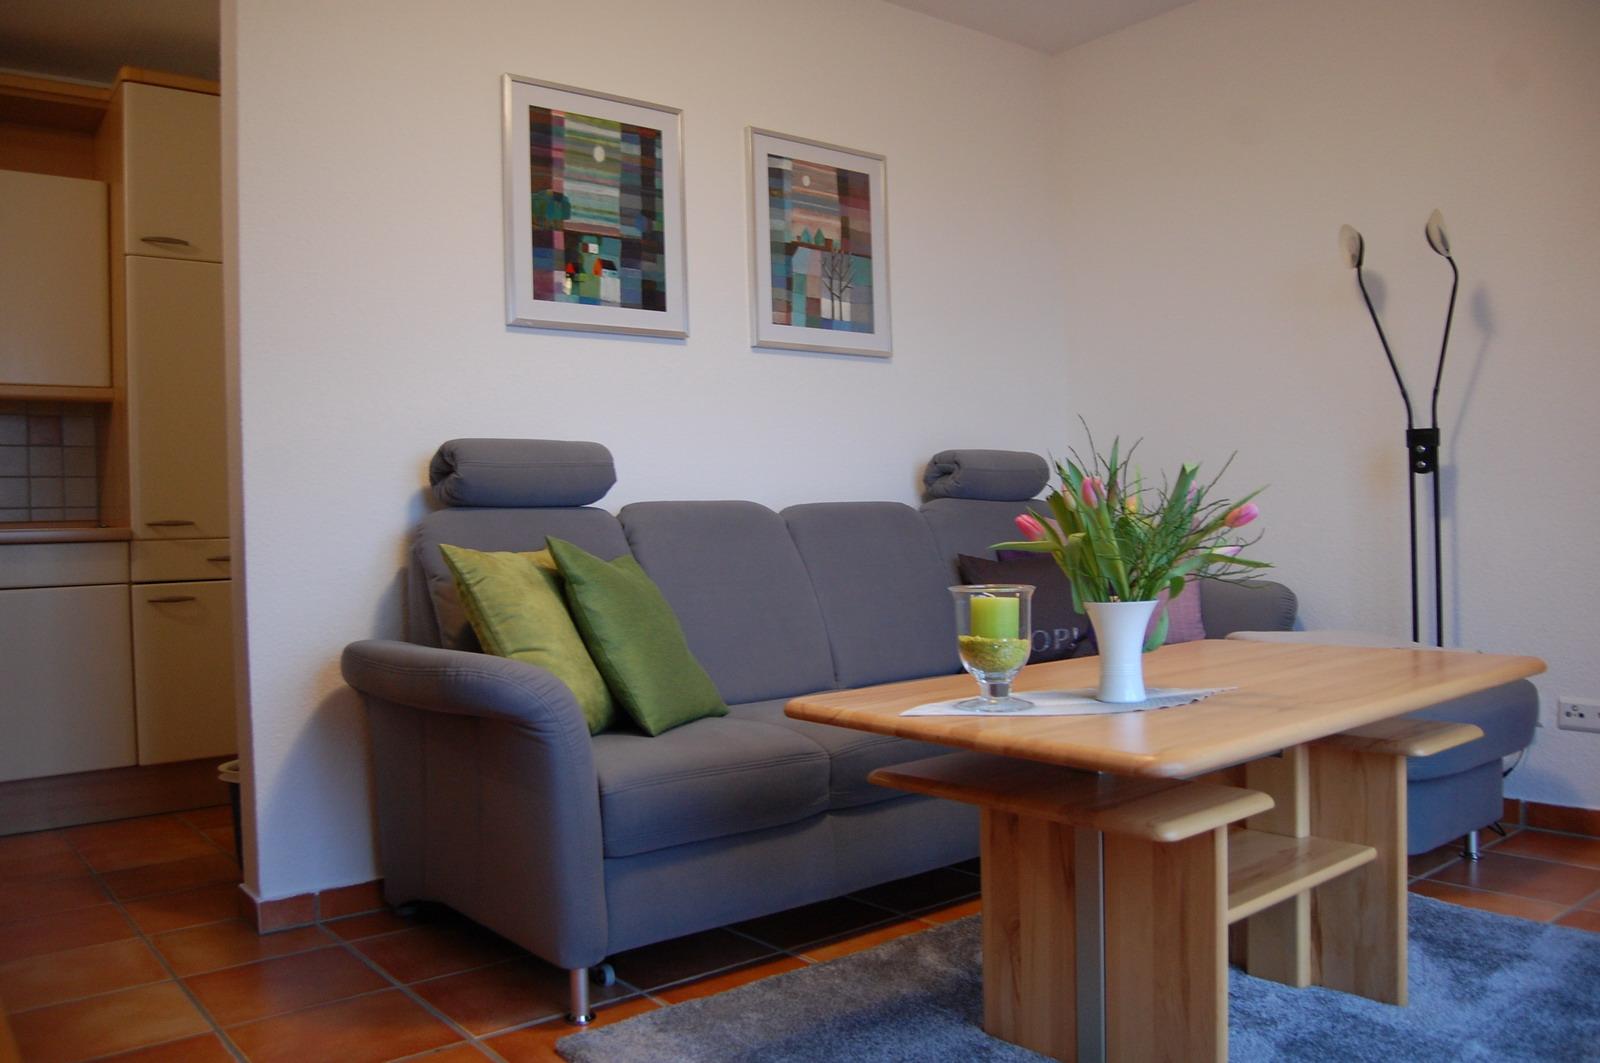 Ferienwohnung mit meerblick im nordseebad dangast for Wohnzimmer quadratmeter berechnen